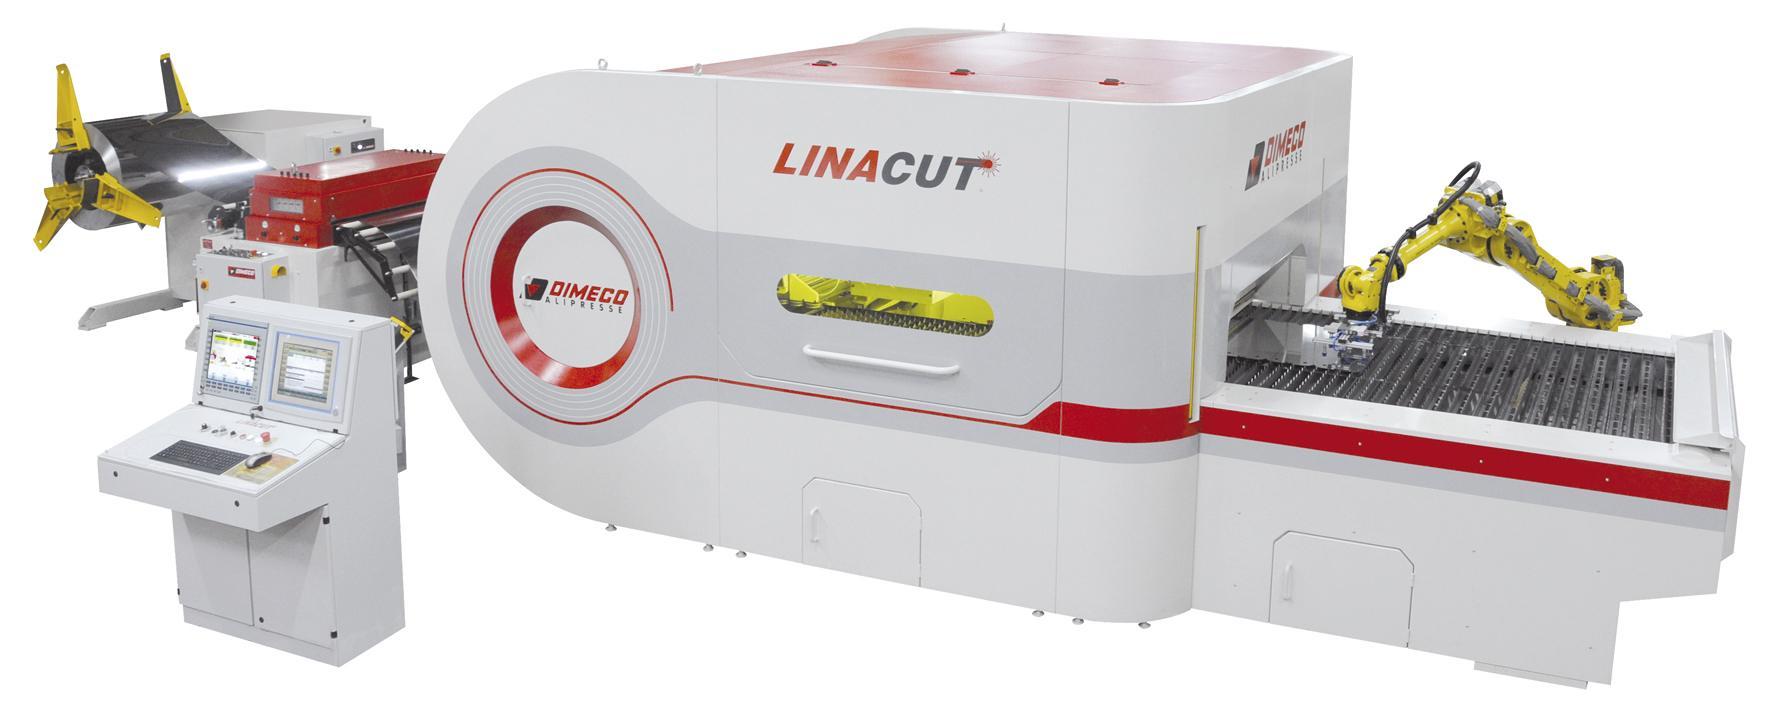 """Dimeco presenta en la BIEMH su nuevo desarrollo de corte láser en bobina """"Linacut®"""" - Hall 5, stand E11"""